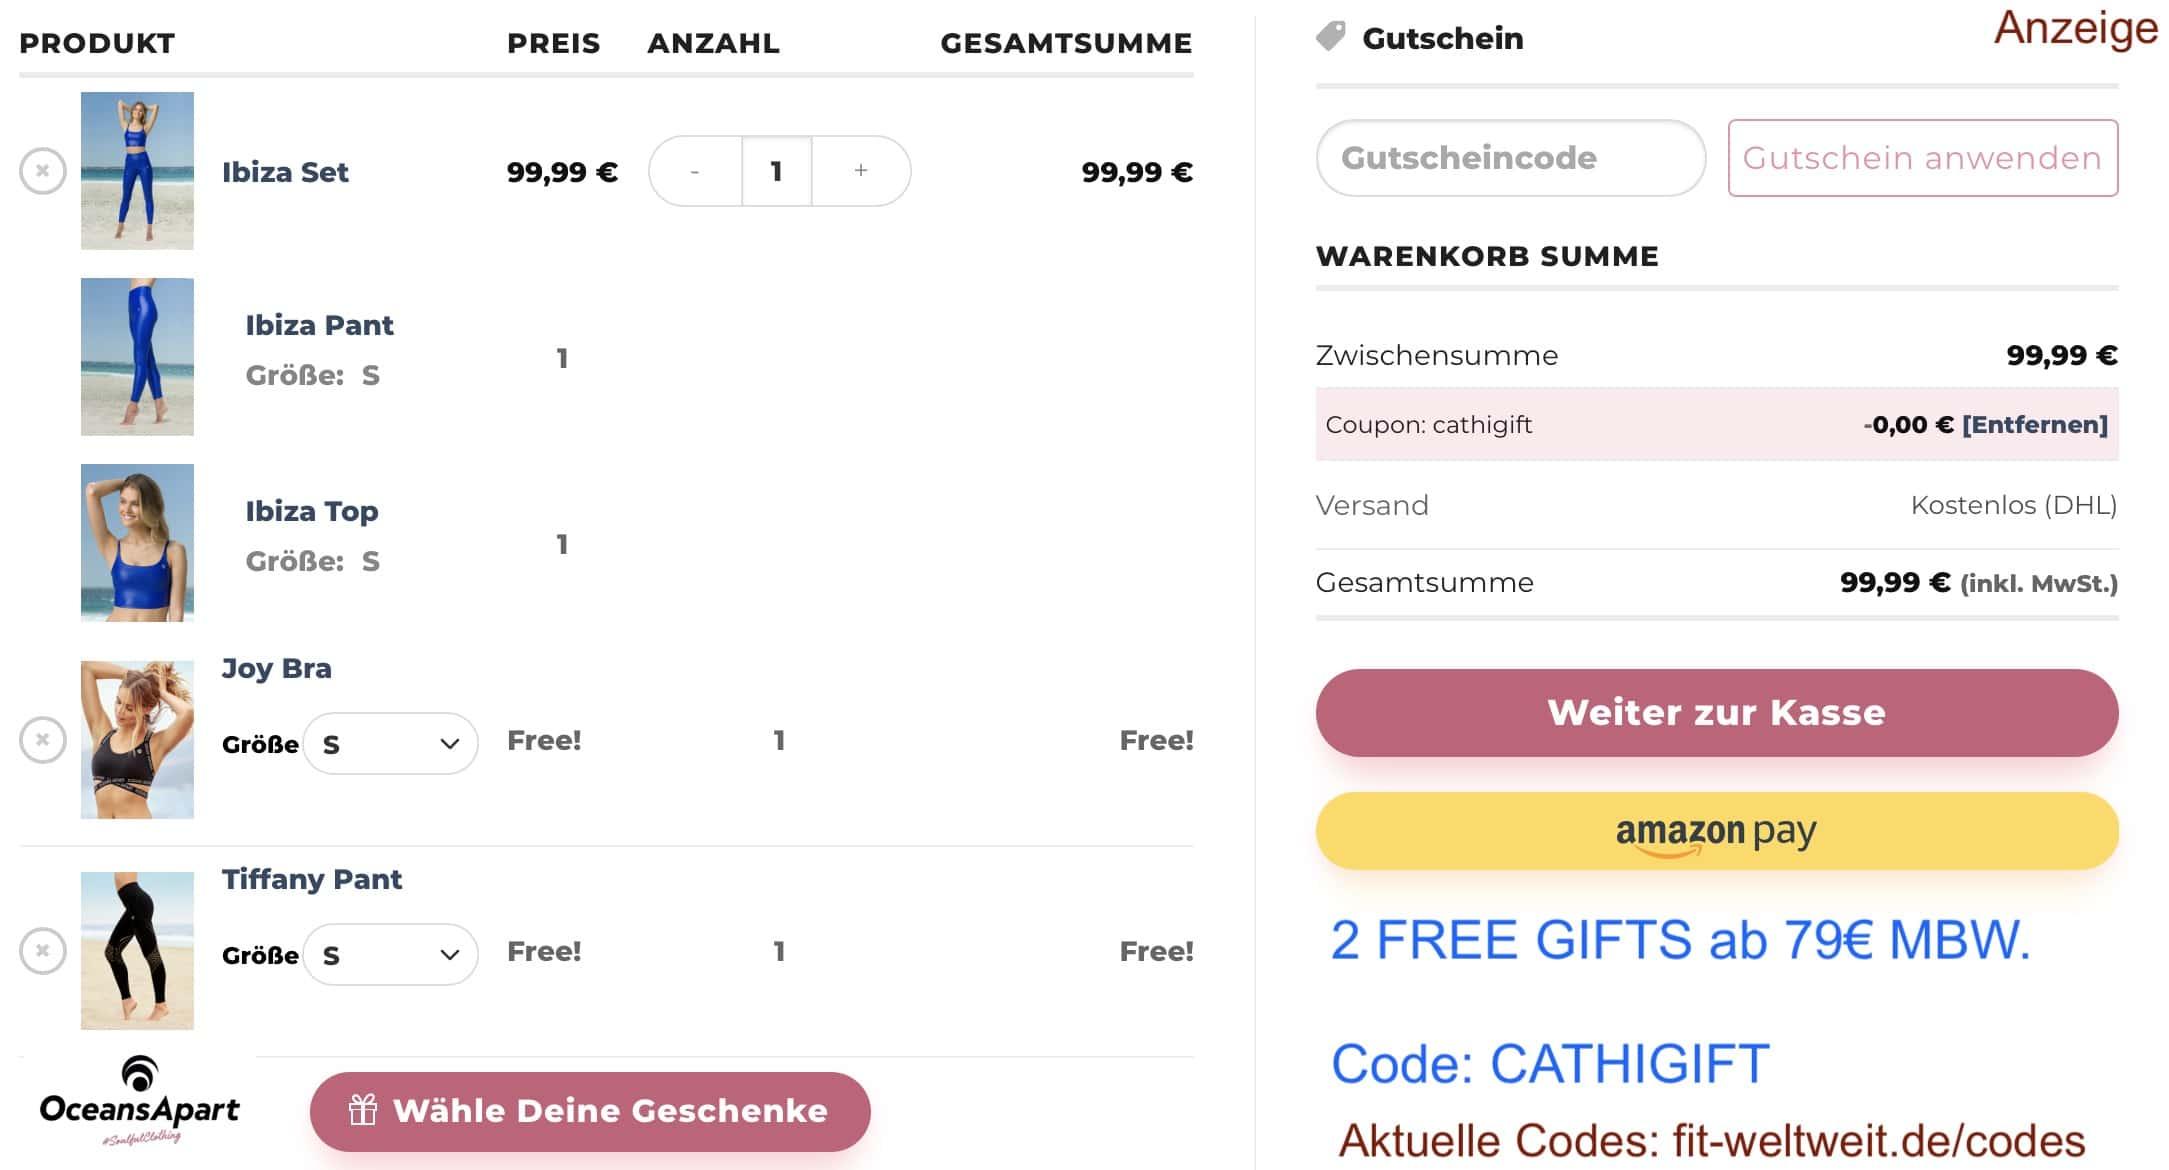 """BEST !! Free 2 Gift Chooser: 50% Rabatt (2 für 1 Aktion - 1 Set kaufen, 2 Sets bekommen) ab 79€ Warenkorbwert bekommst du mit dem Code """"CATHIGIFT"""" 2 Free Gifts (Auswahl aus 11 Teilen) geschenkt dazu. 2 Top oder 2 Leggings oder ein Set."""